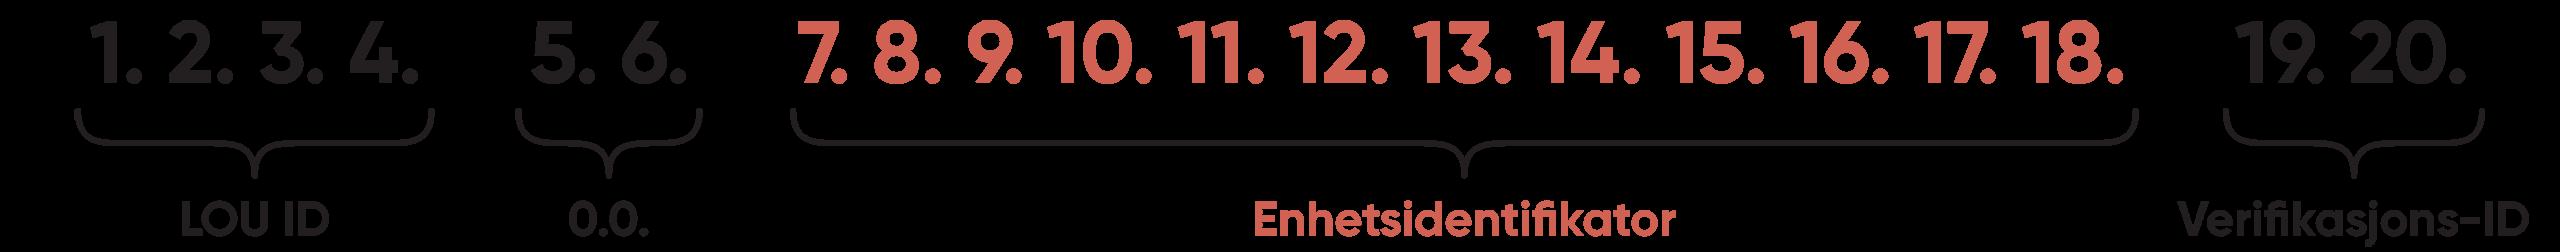 LEI-kode er standardisert med ISO-sertifikat 17442